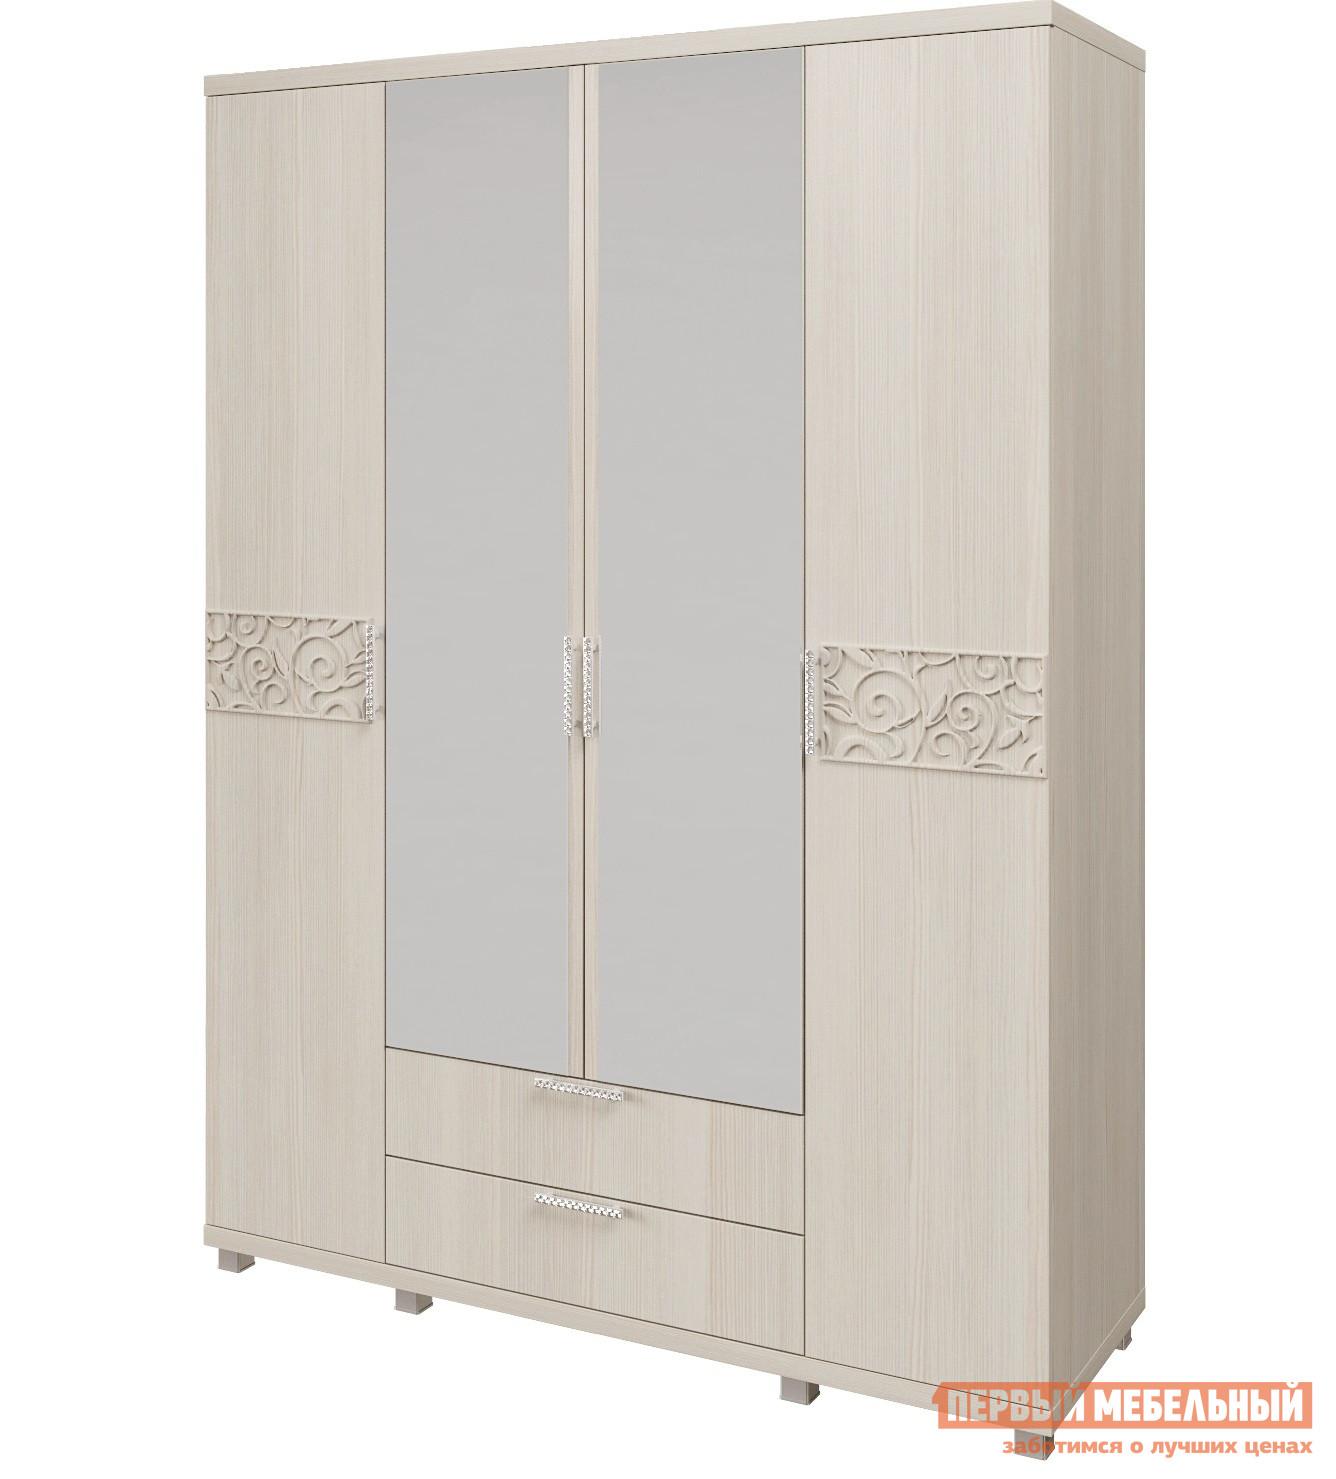 Шкаф распашной ТД Арника 06 «Ирис» Шкаф для одежды 4-х дверный с ящиками все цены